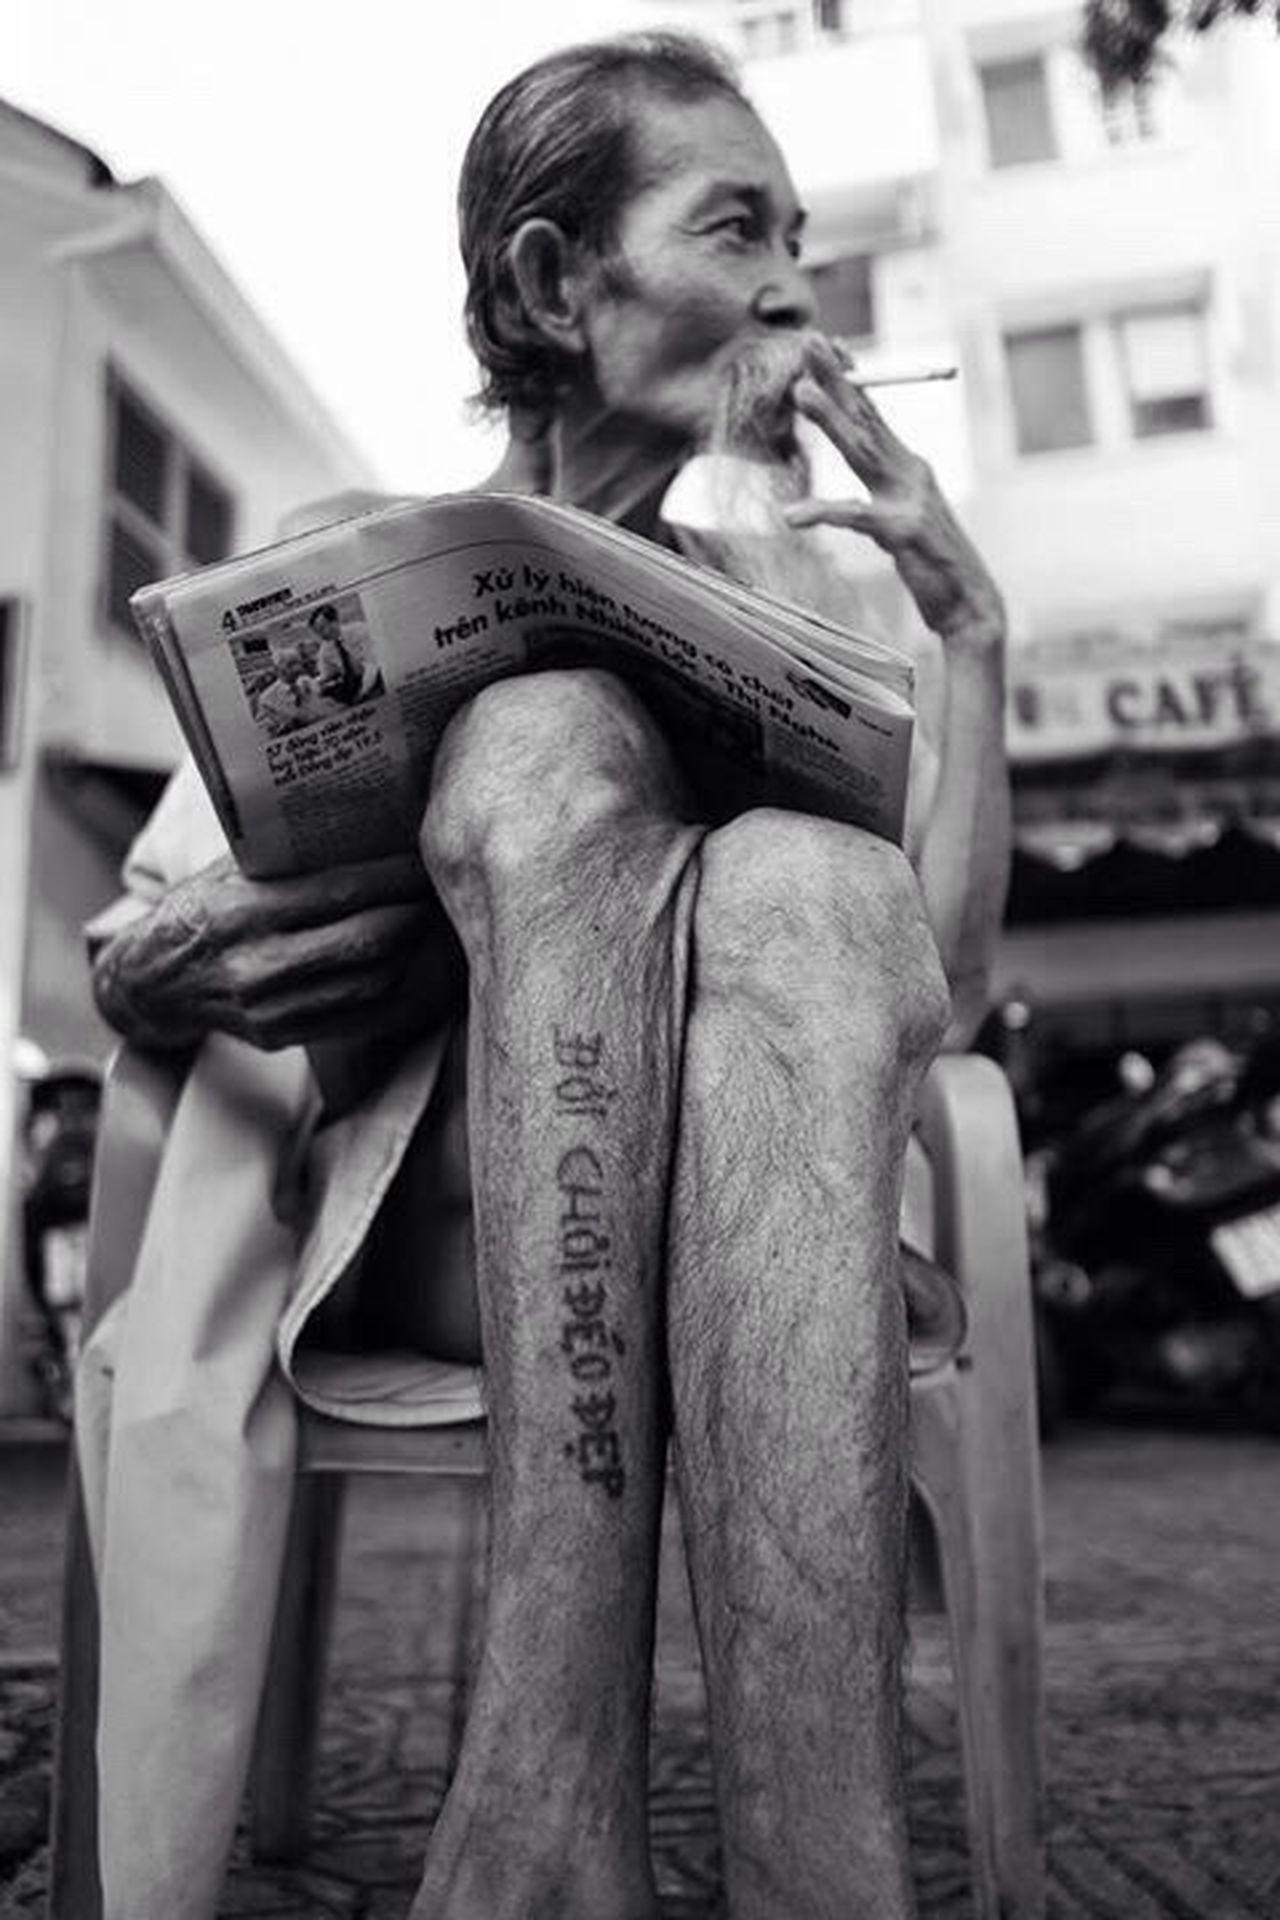 Tatoo Streetphotography Oldman Smoking Vietnam Blackandwhite đói Chơi đéo đẹp Life